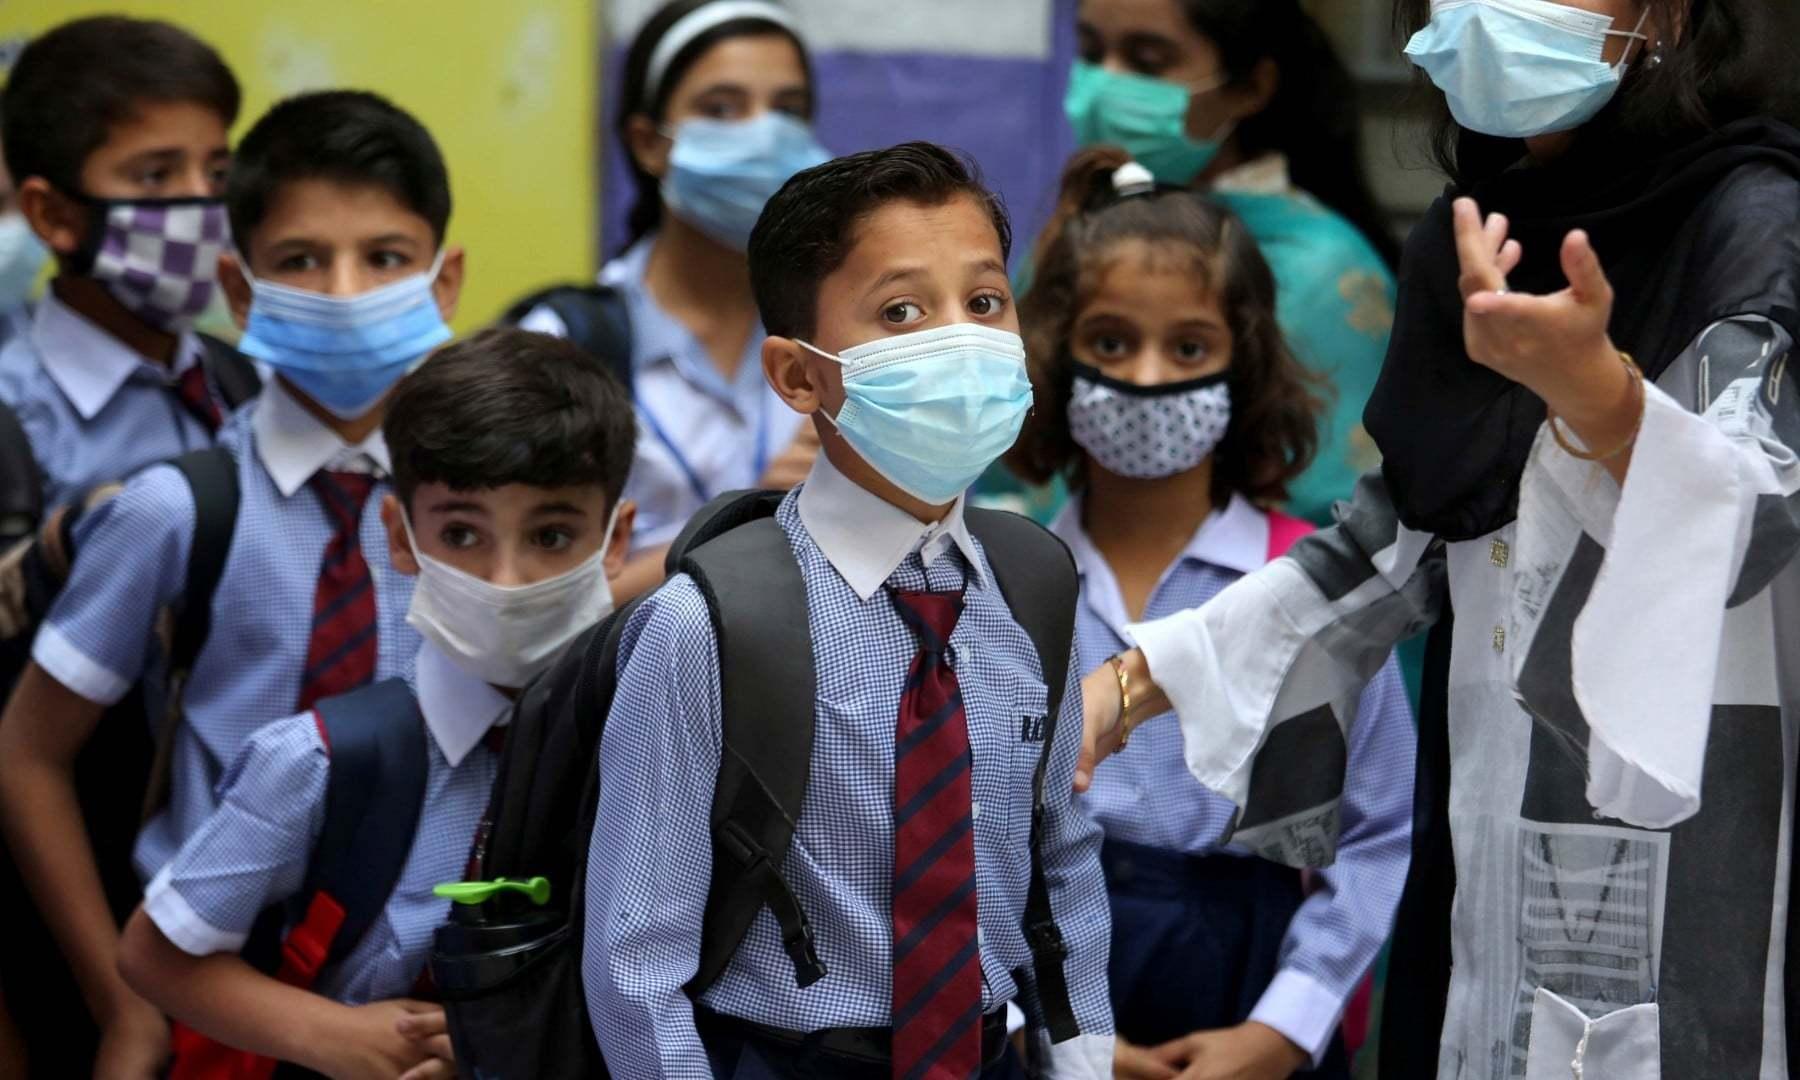 ملک میں کورونا وائرس کی چوتھی لہر کی شدت میں کمی کے پیش نظر پابندیوں میں نرمی کا اعلان کیا ہے— فائل فوٹو: اے ایف پی